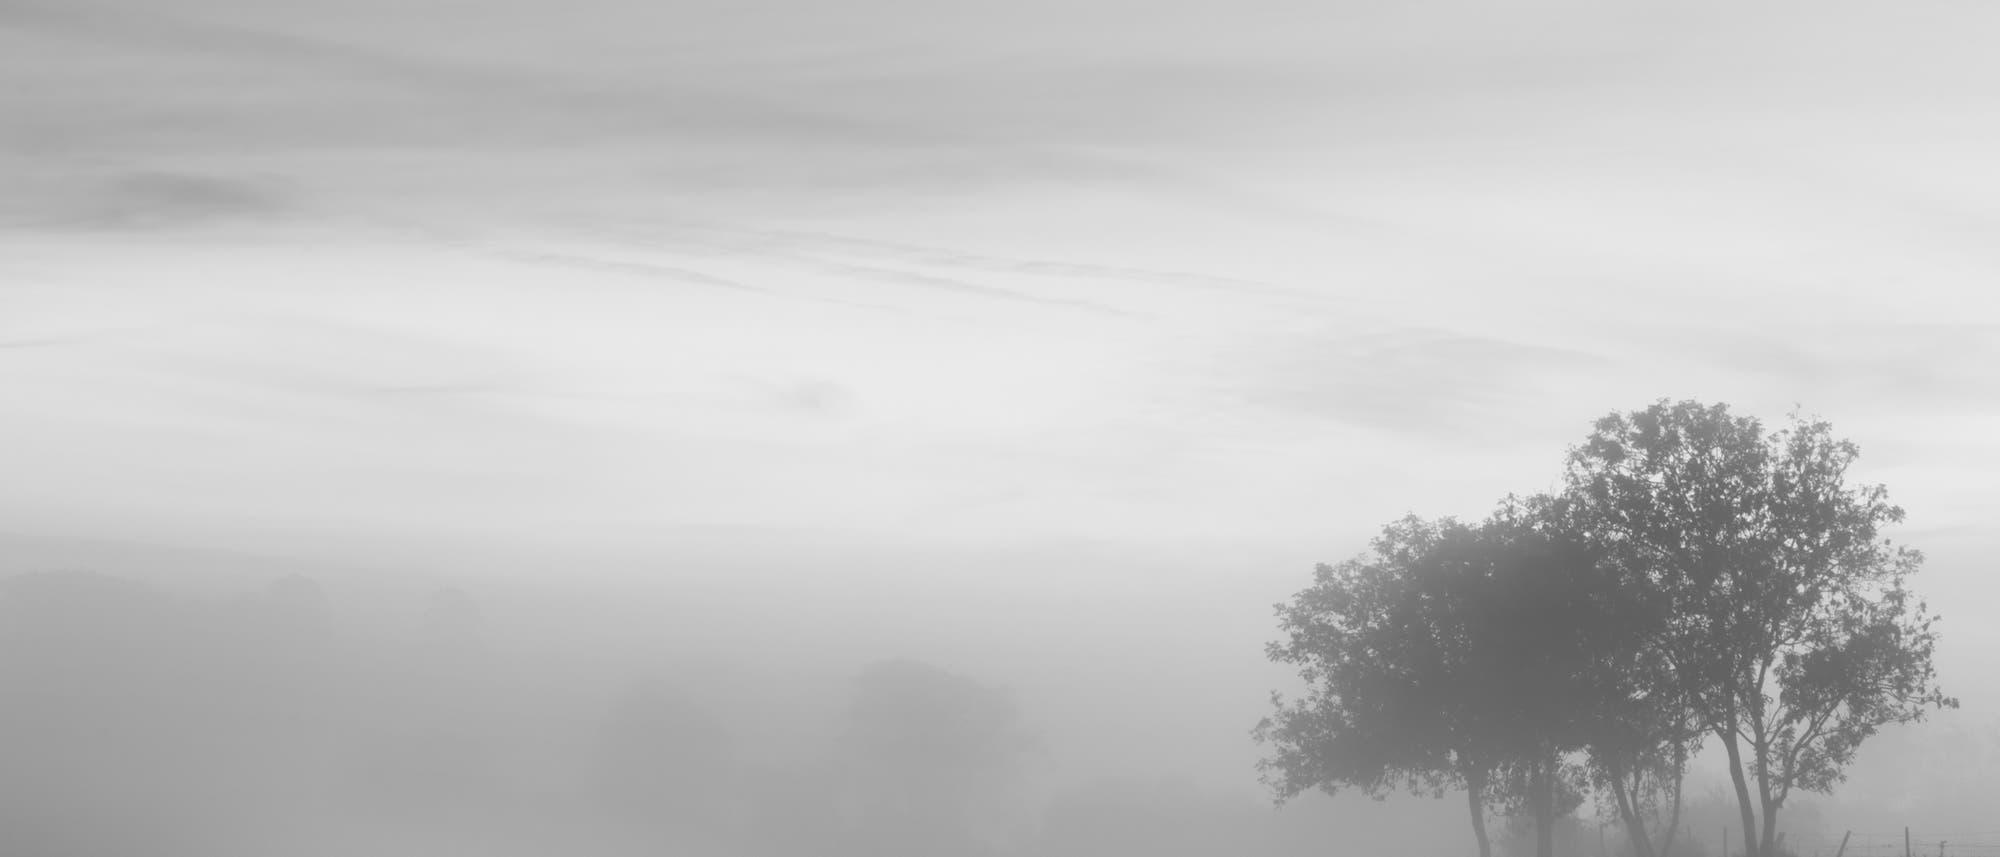 Einige Bäume stehen in dichtem Nebel; der Himmel ist verhangen.